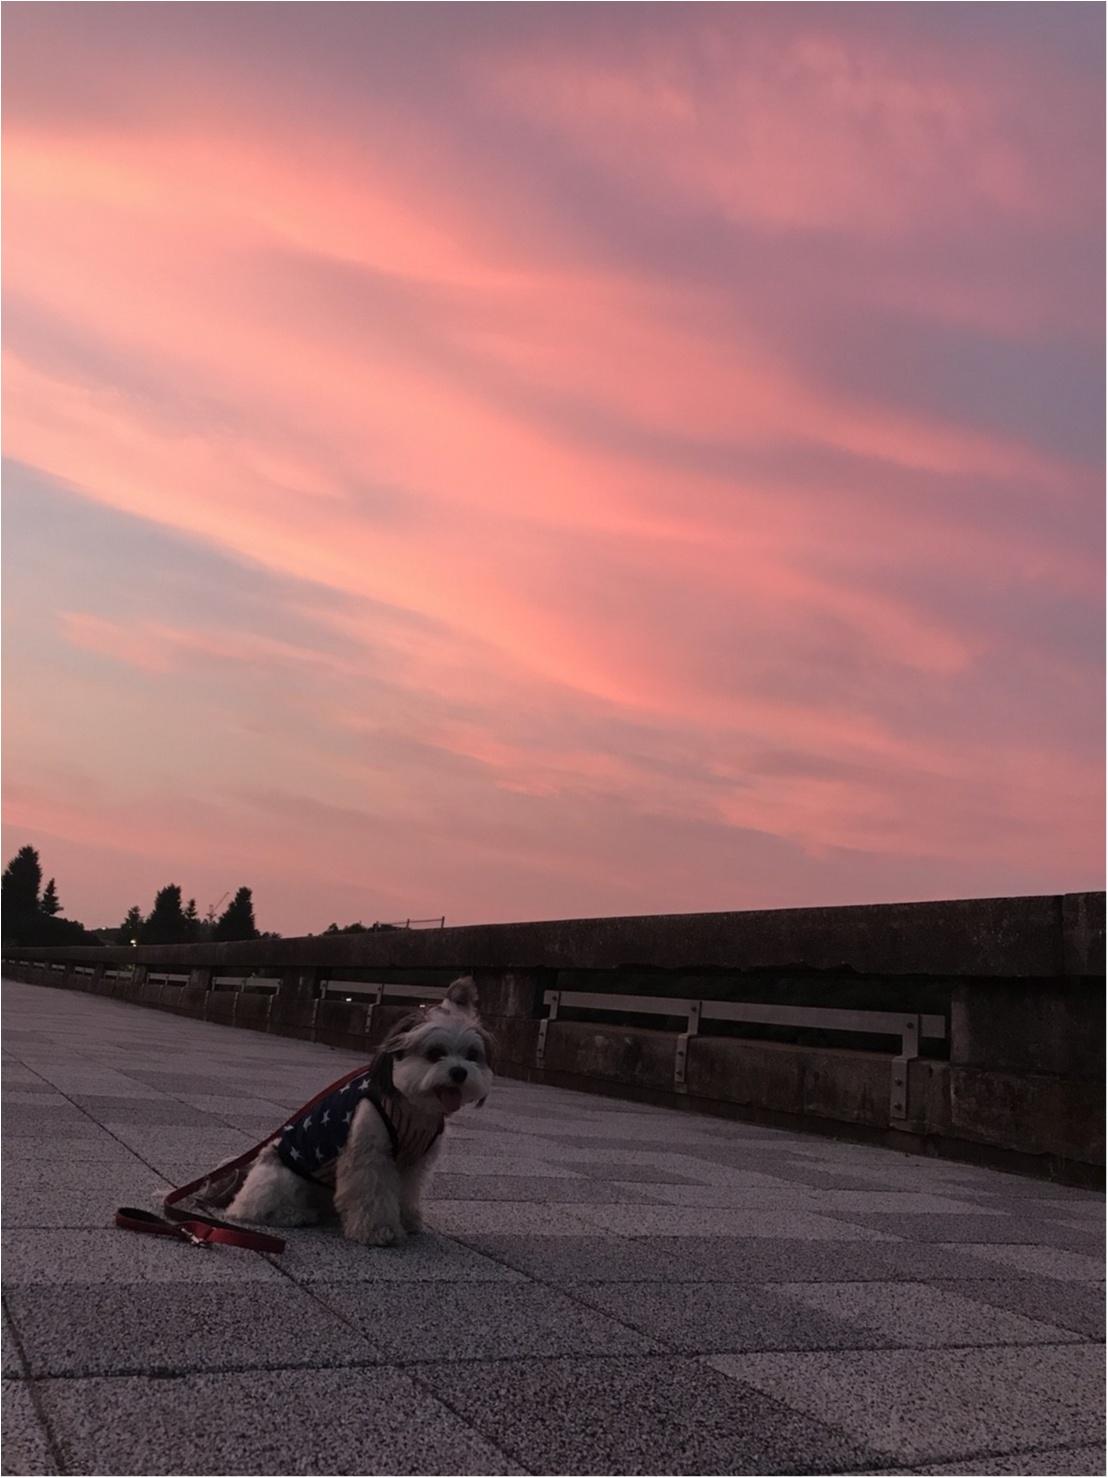 【今日のわんこ】きれいな夕日と太郎くん_1